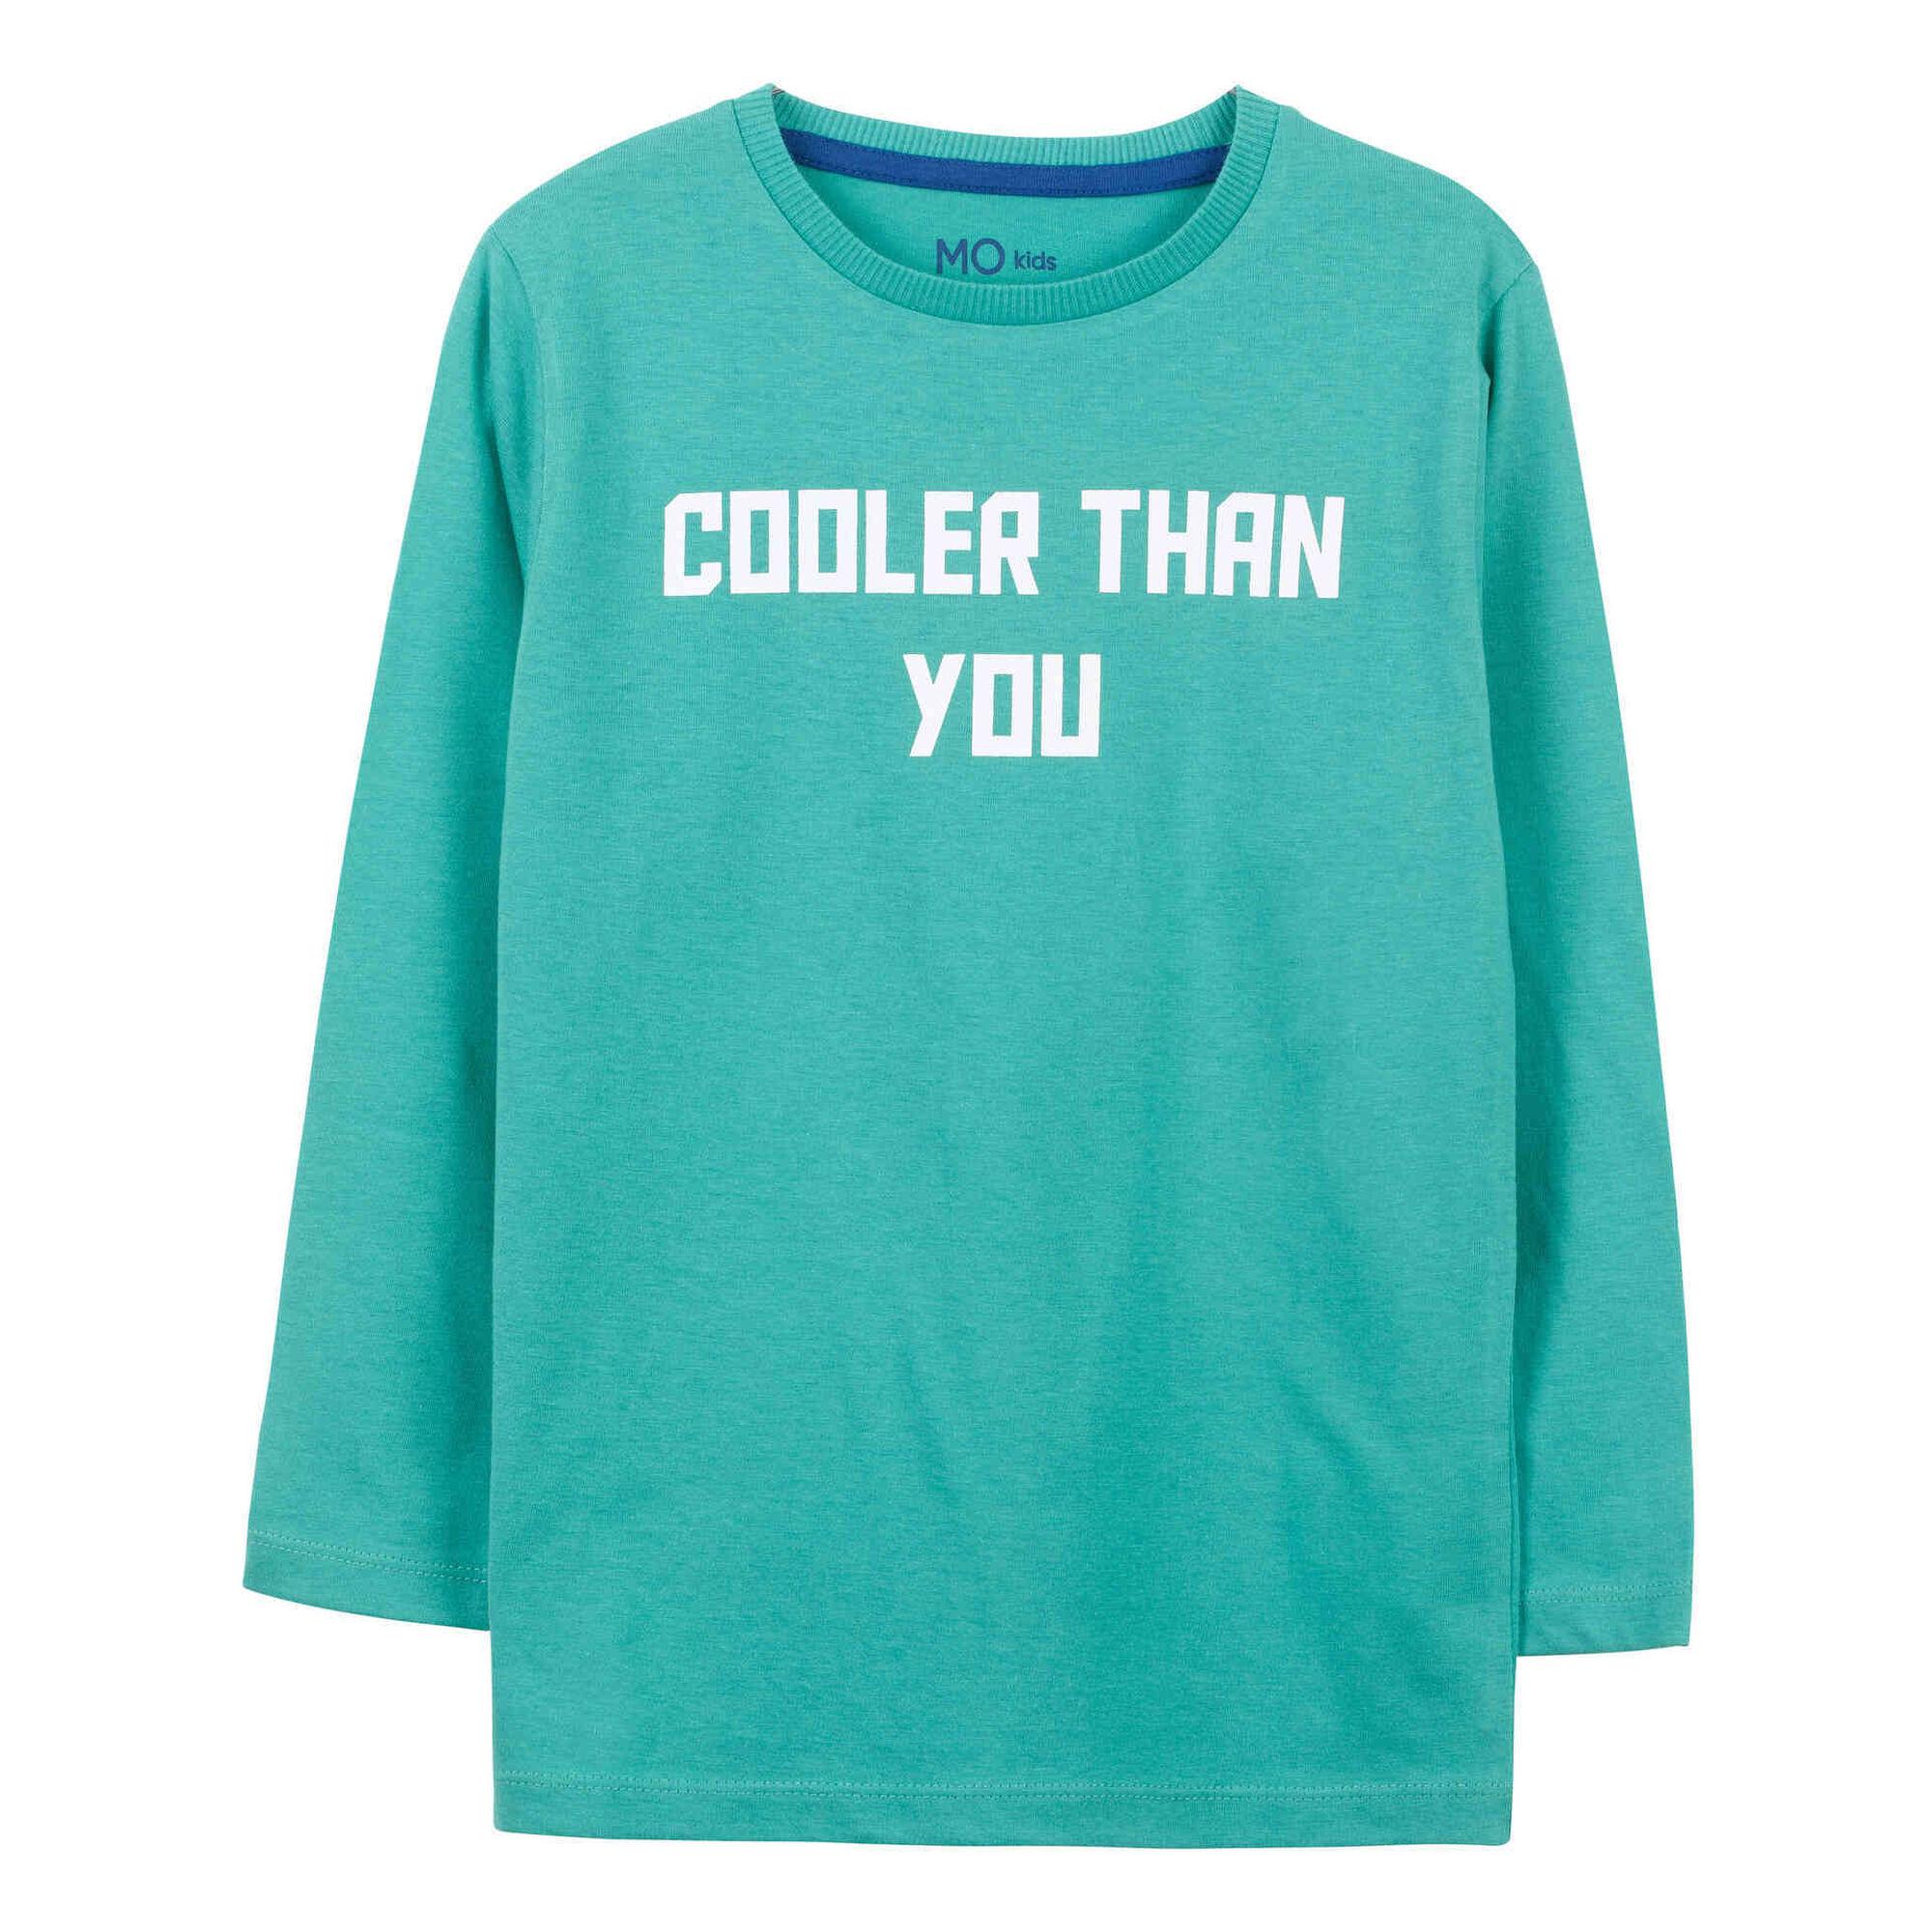 T-shirt Cooler Manga Comprida Algodão Turquesa